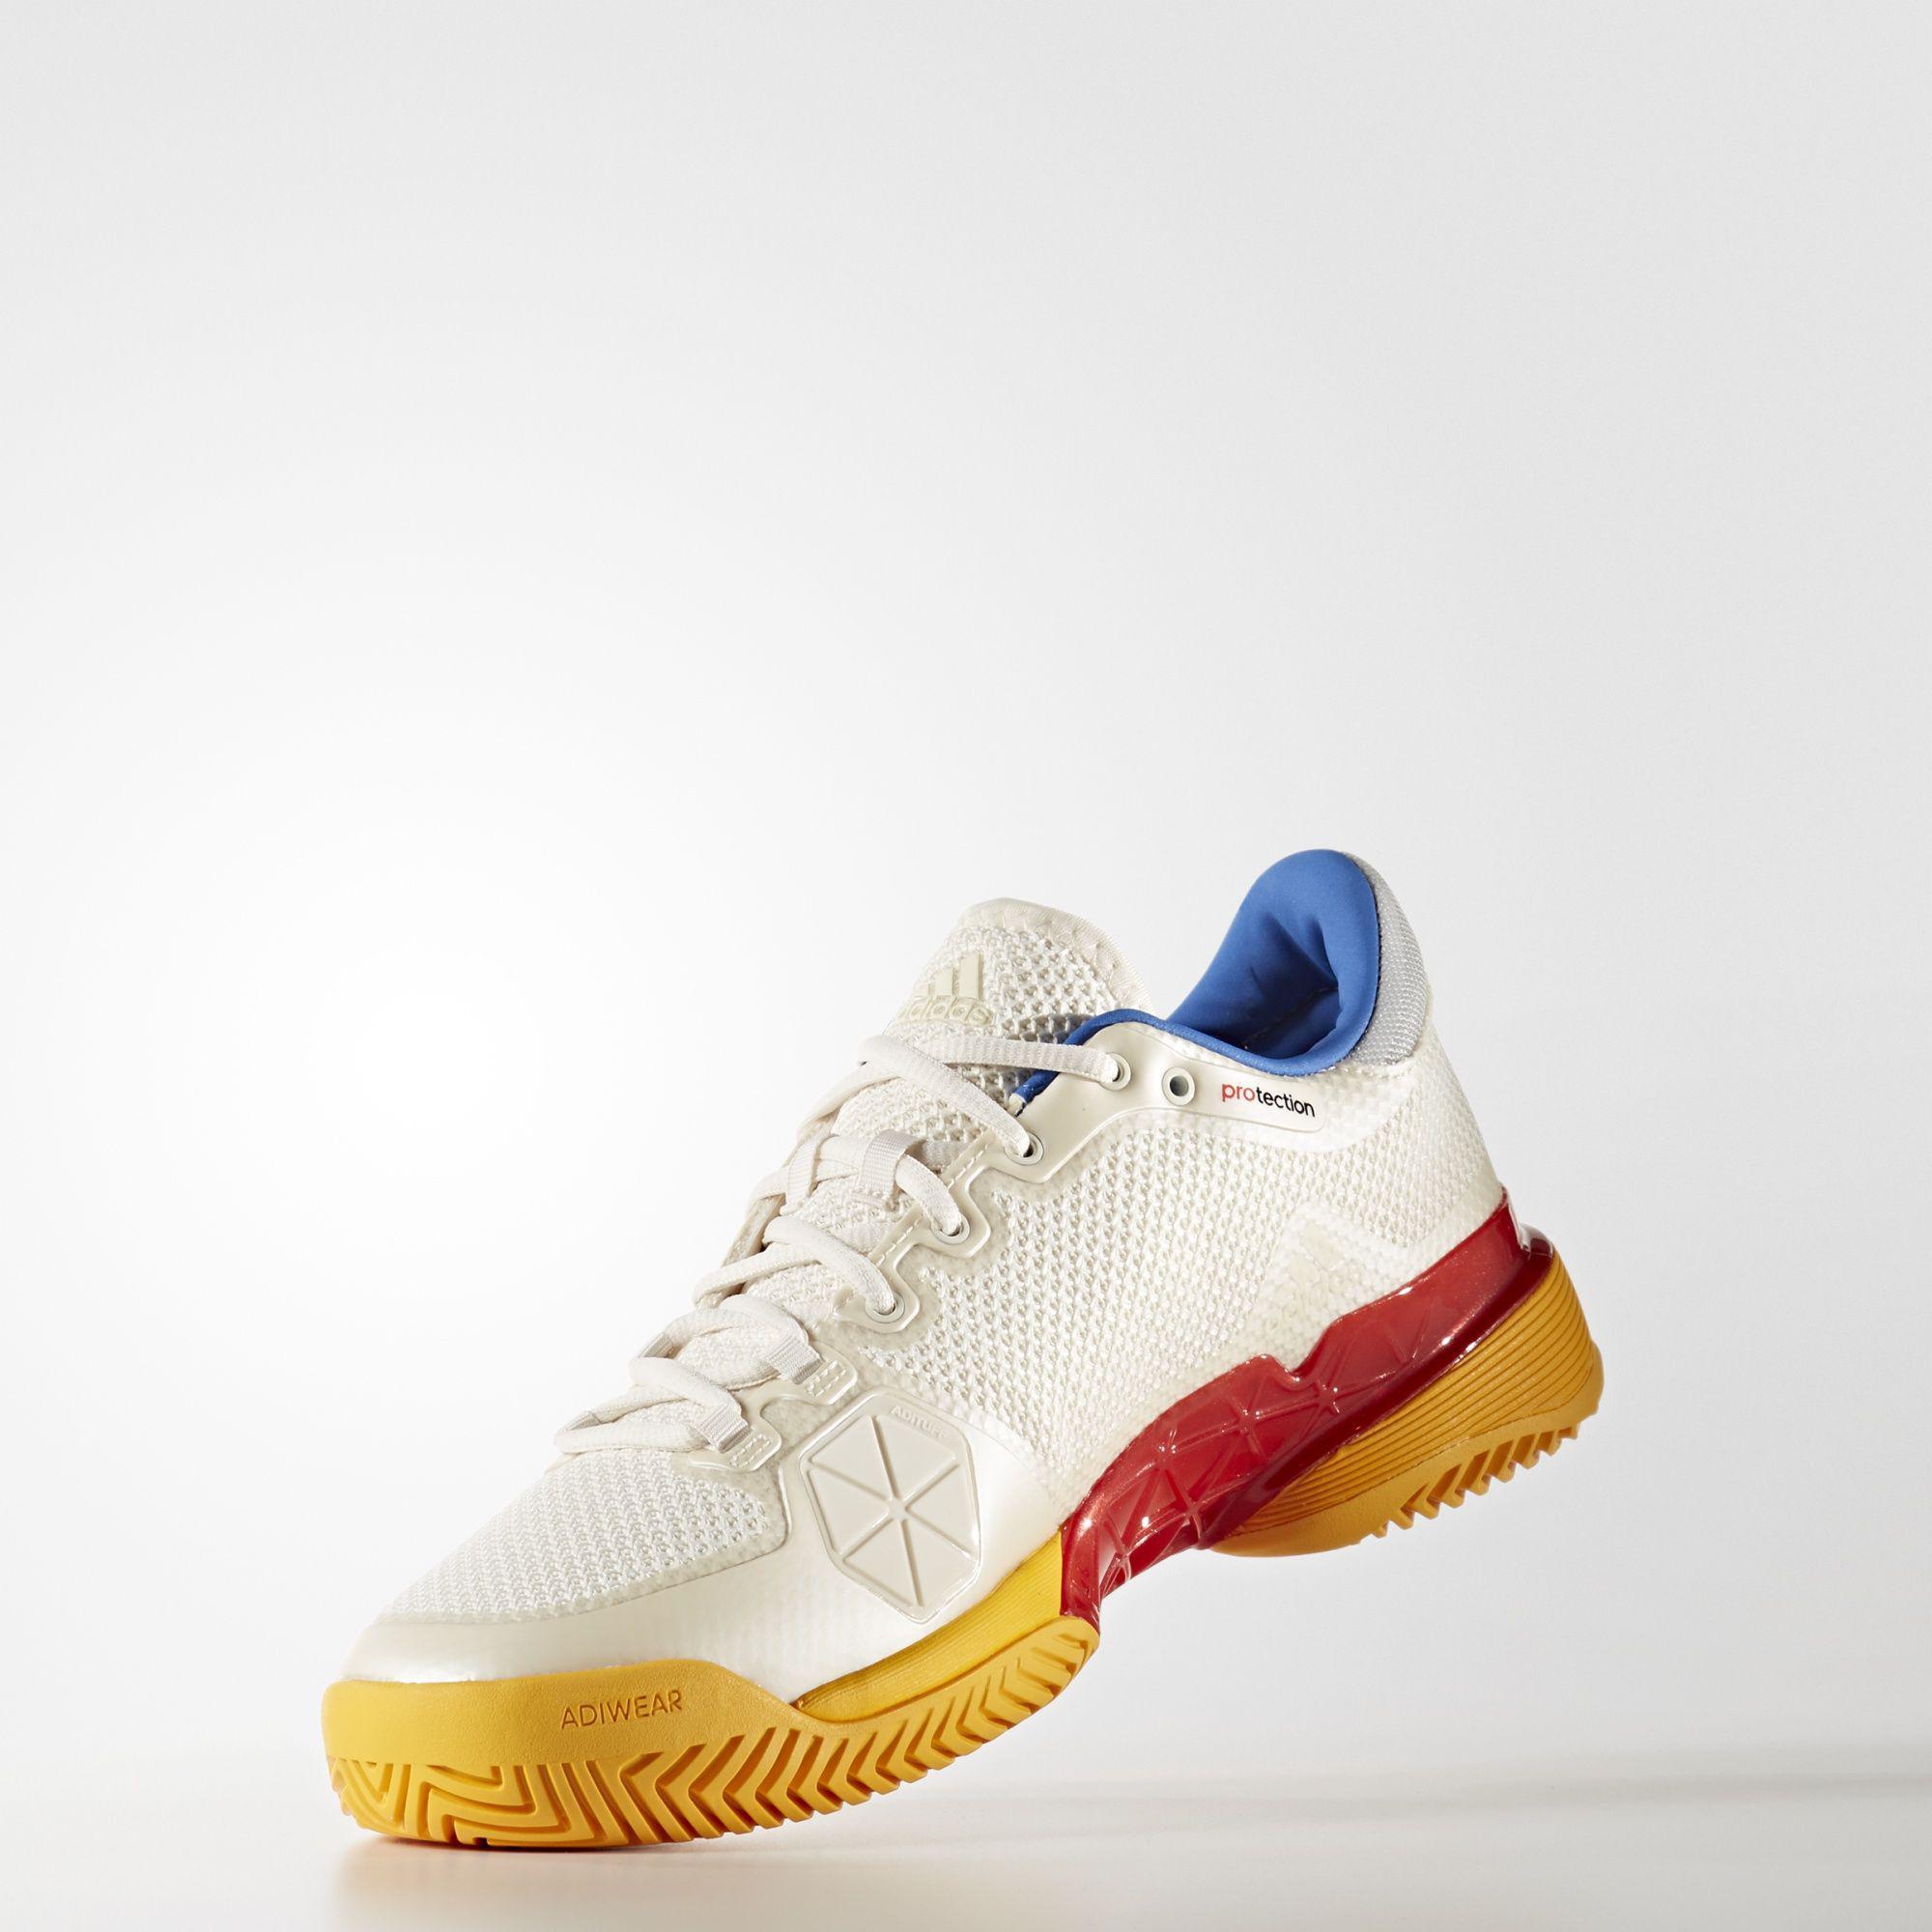 090e13e6c06a Adidas Mens Barricade 2017 Pharrell Williams Tennis Shoes - Multi-Colour -  Tennisnuts.com